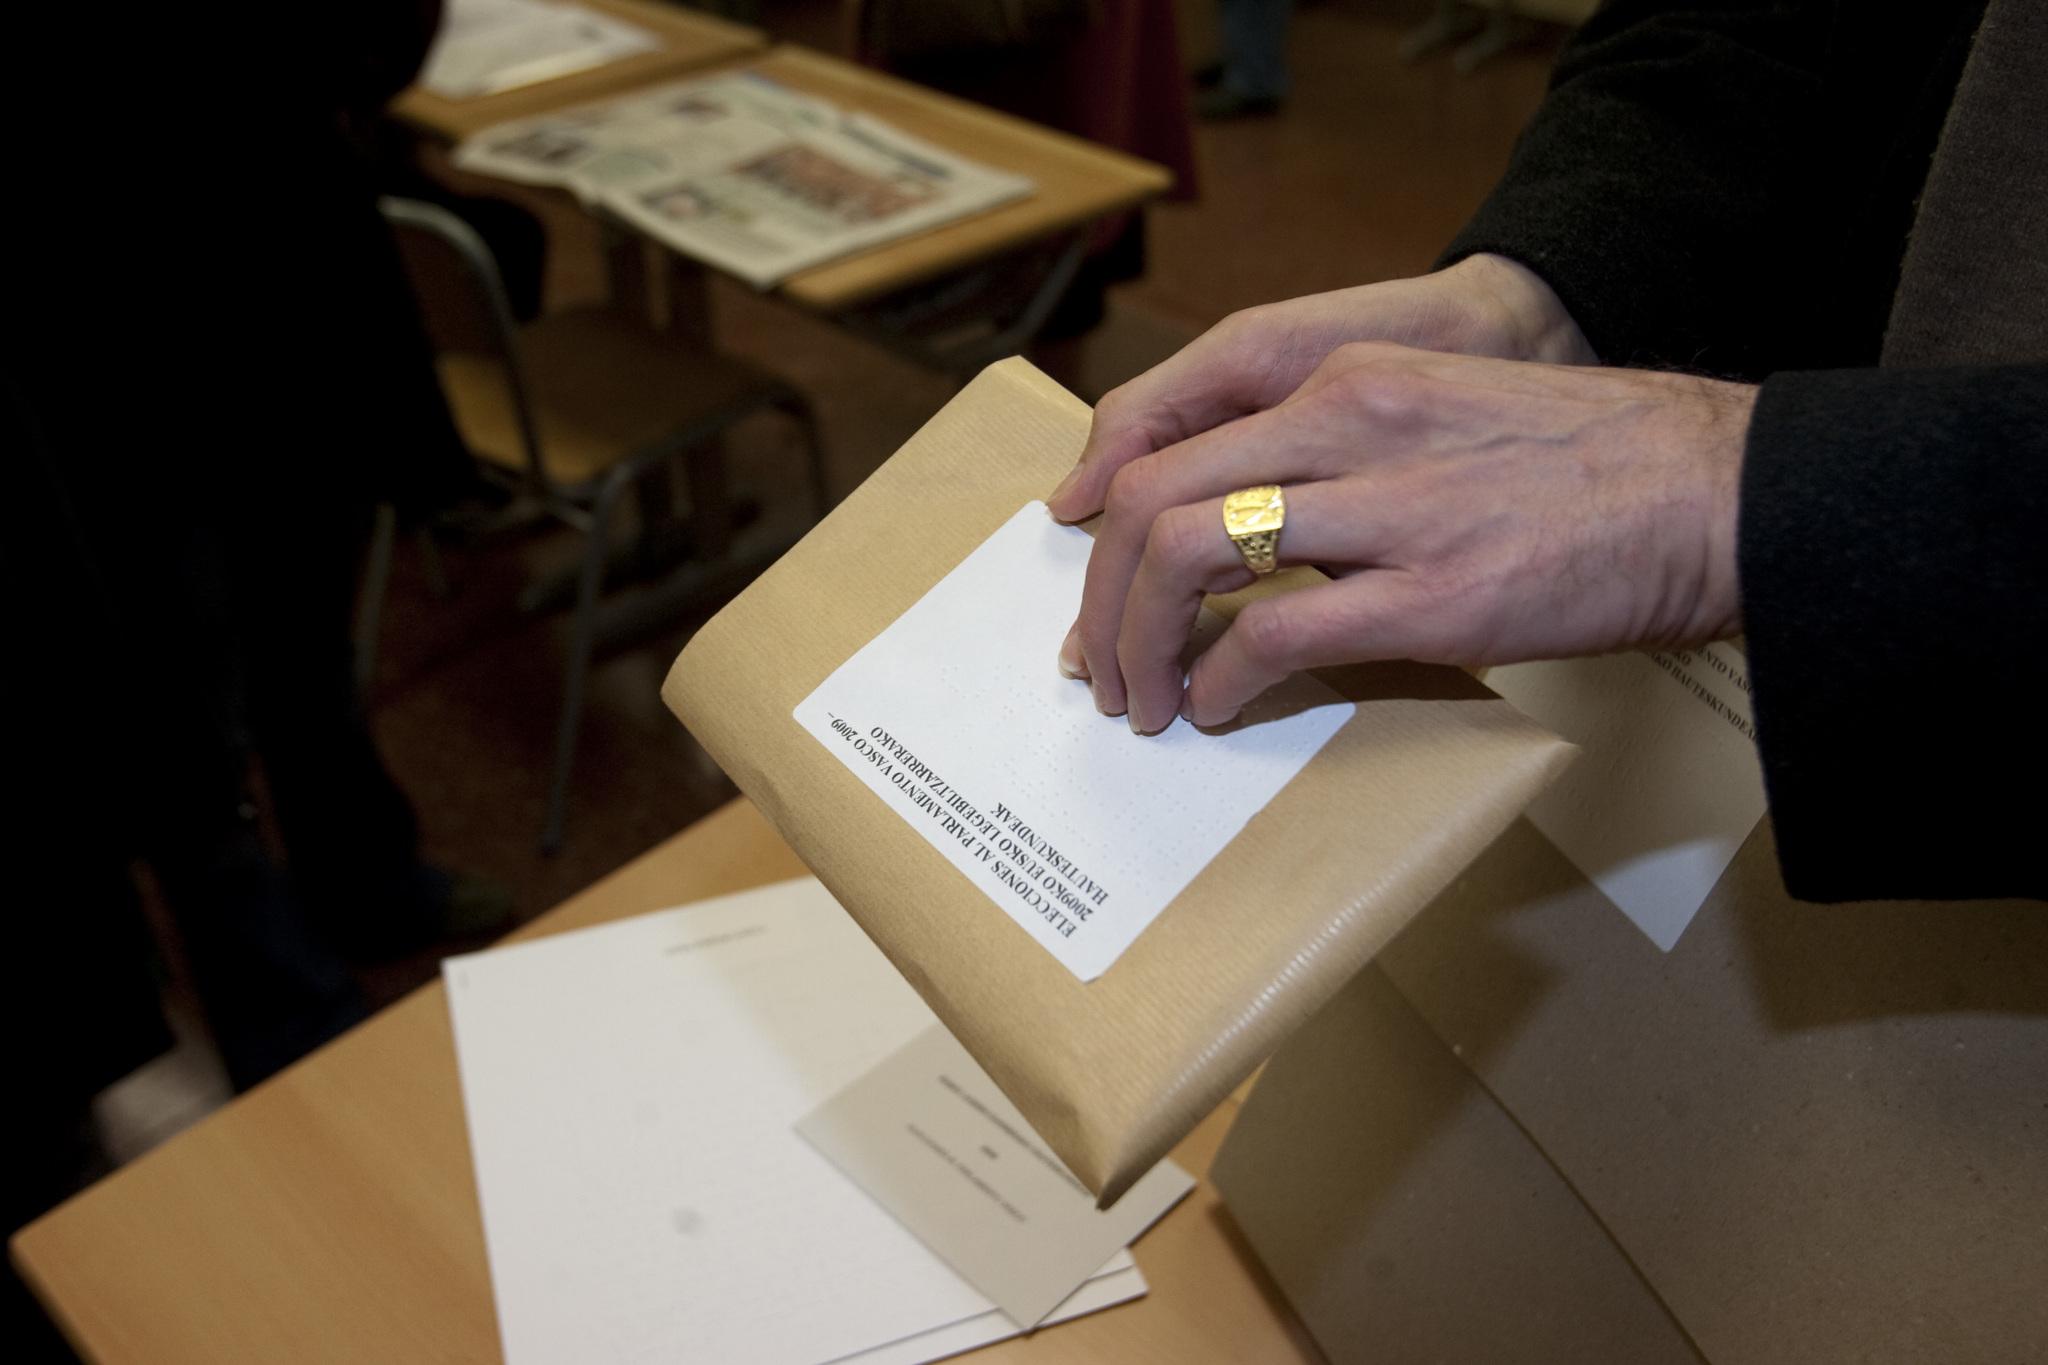 Un paquete con las papeletas para que personas ciegas puedan votar en secreto.